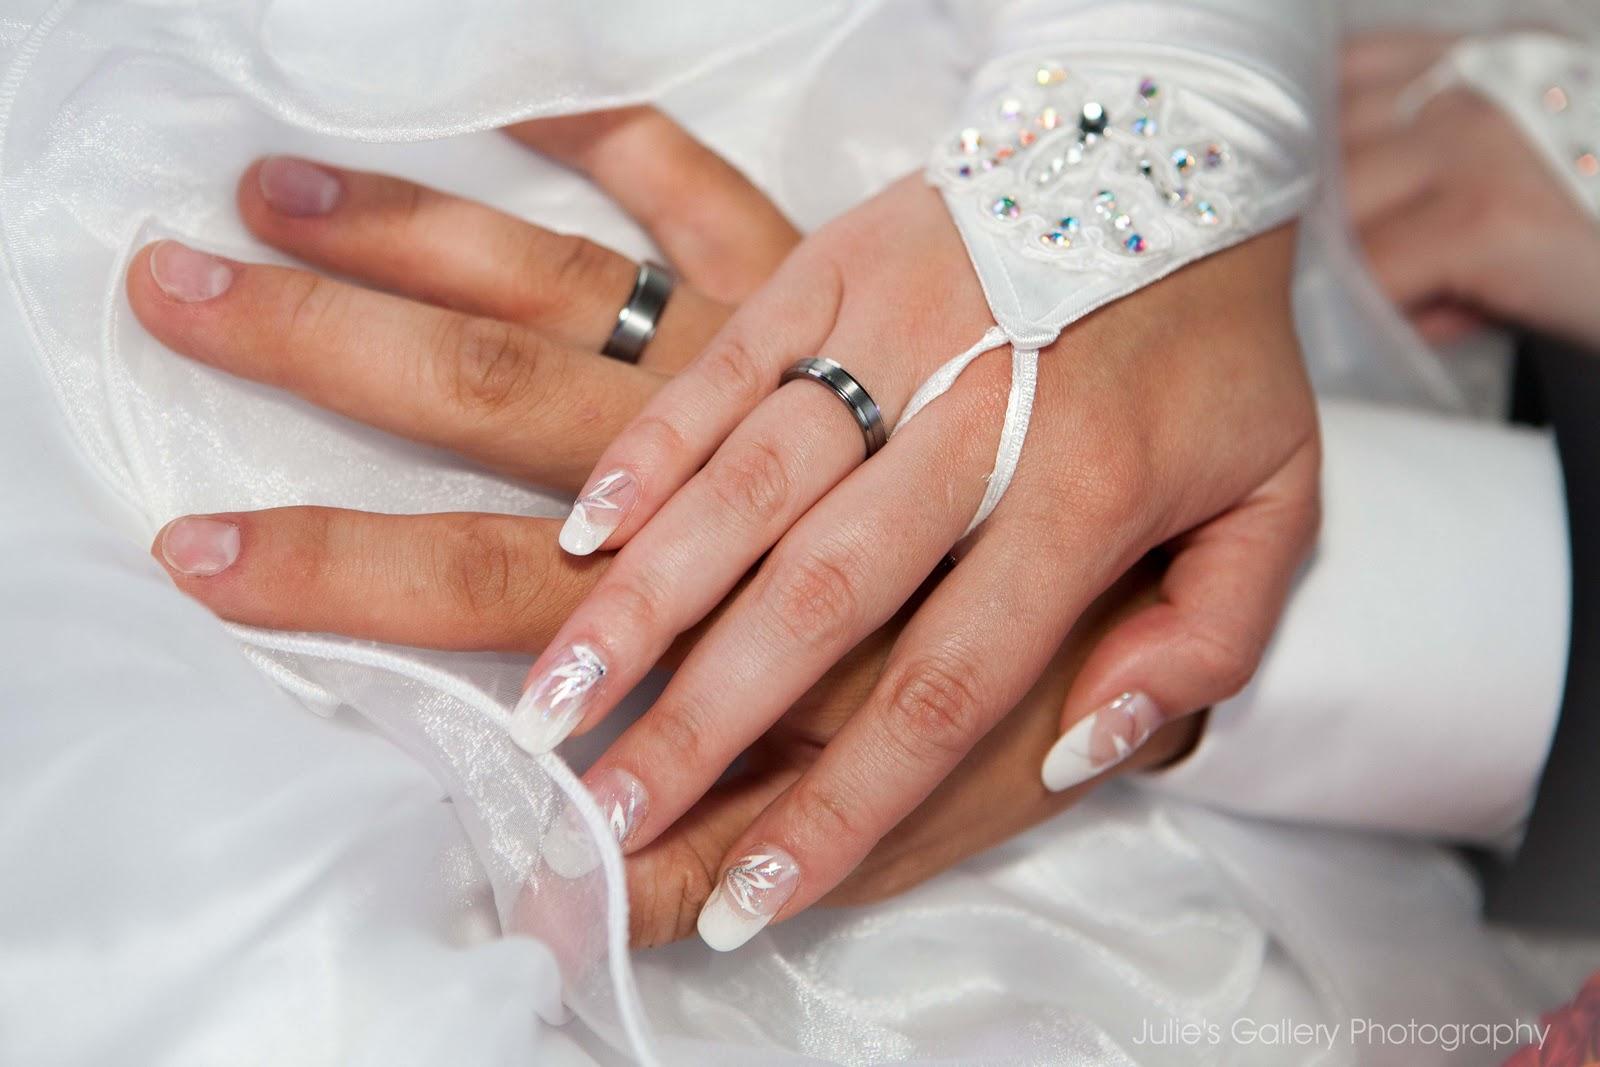 julies gallery photography dianaampalexs wedding in kleinburg